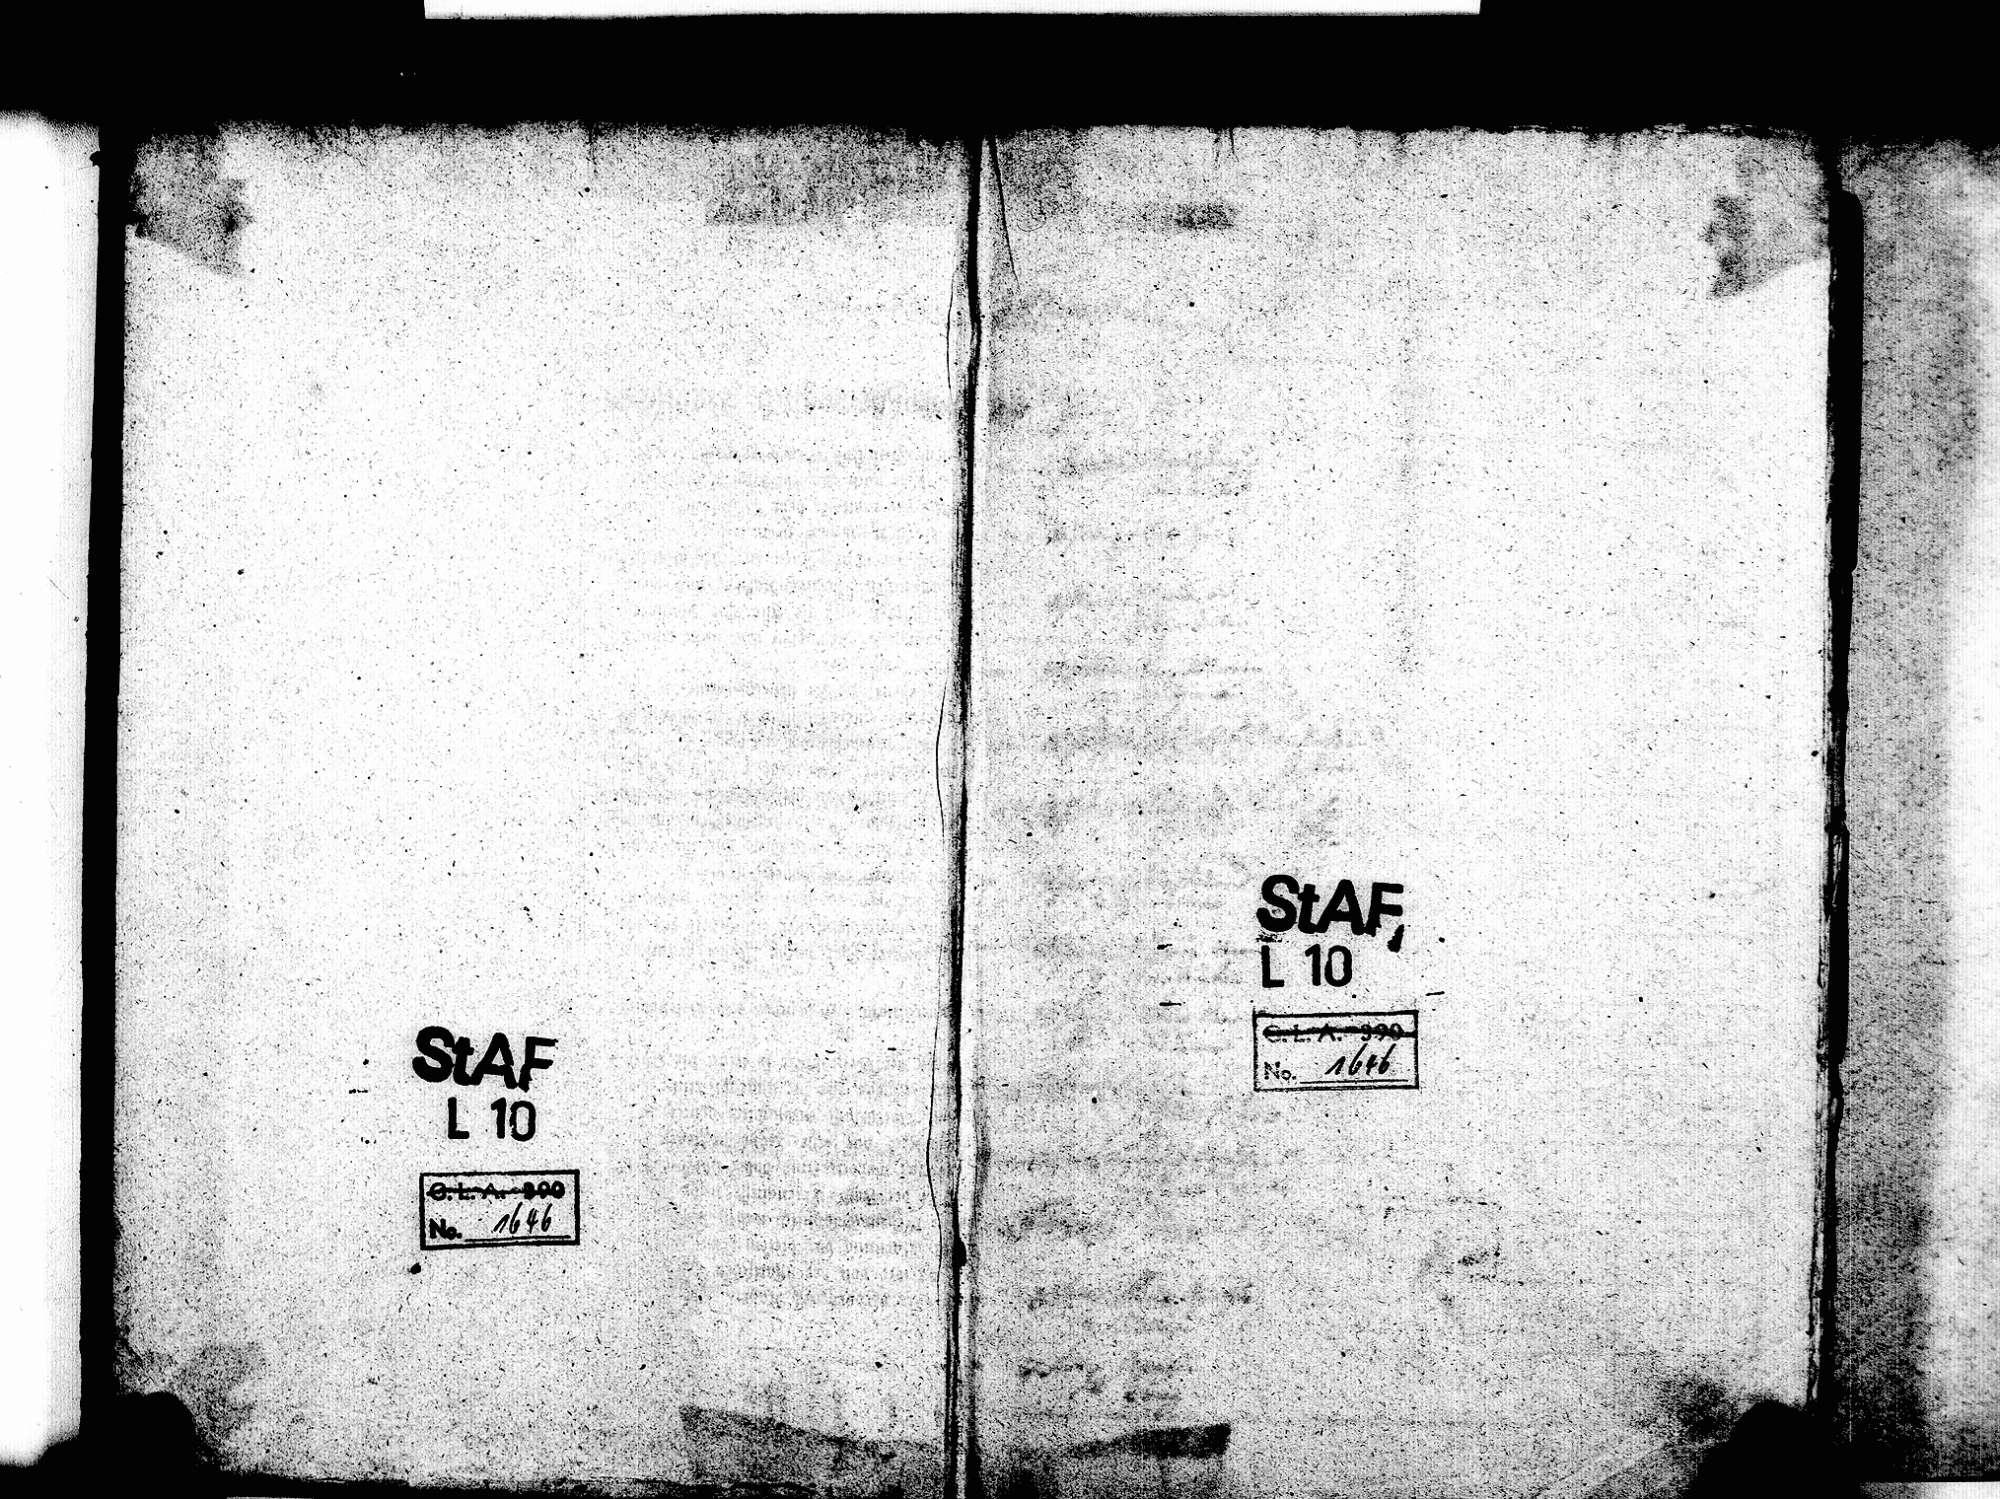 Zell am Harmersbach OG; Katholische Gemeinde: Geburtenbuch 1810-1826 Zell am Harmersbach OG; Katholische Gemeinde: Heiratsbuch 1824-1826 Zell am Harmersbach OG; Katholische Gemeinde: Sterbebuch 1824-1826, Bild 3